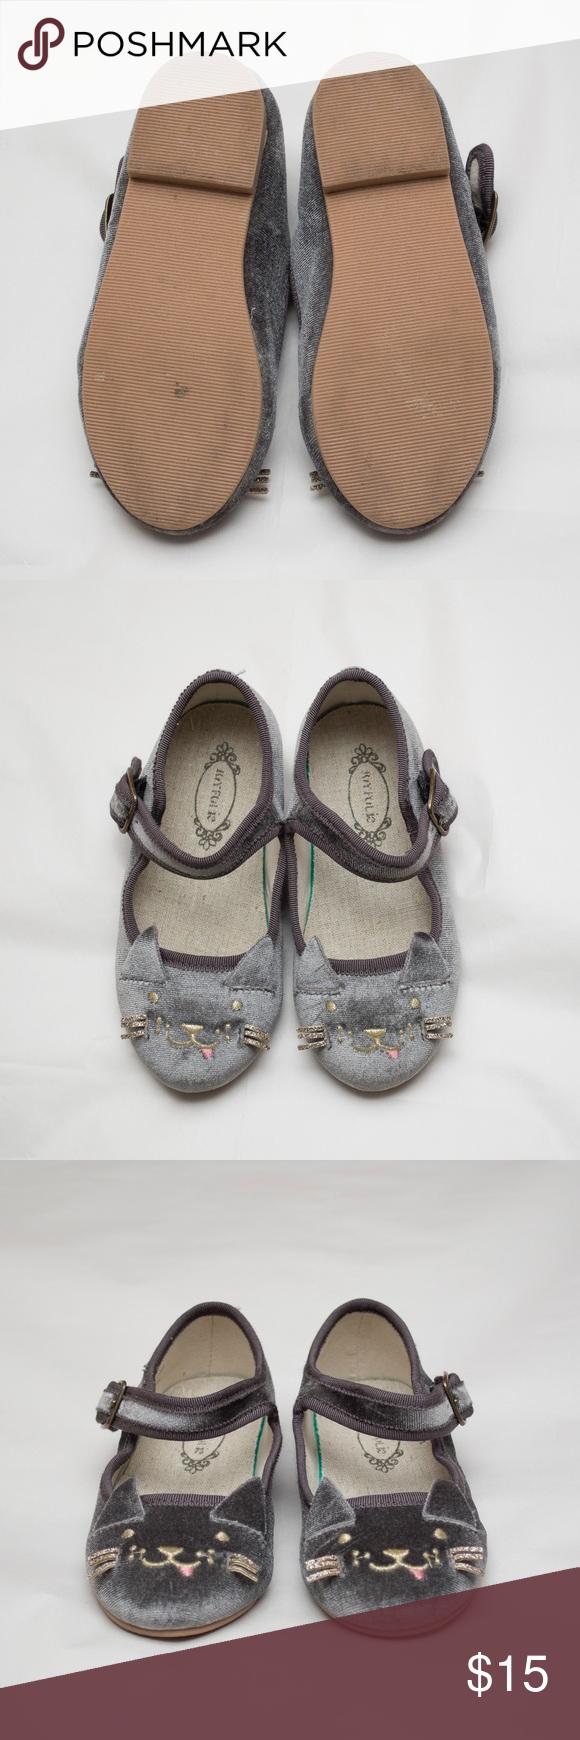 Cat Shoes   Cat shoes, Joyfolie shoes